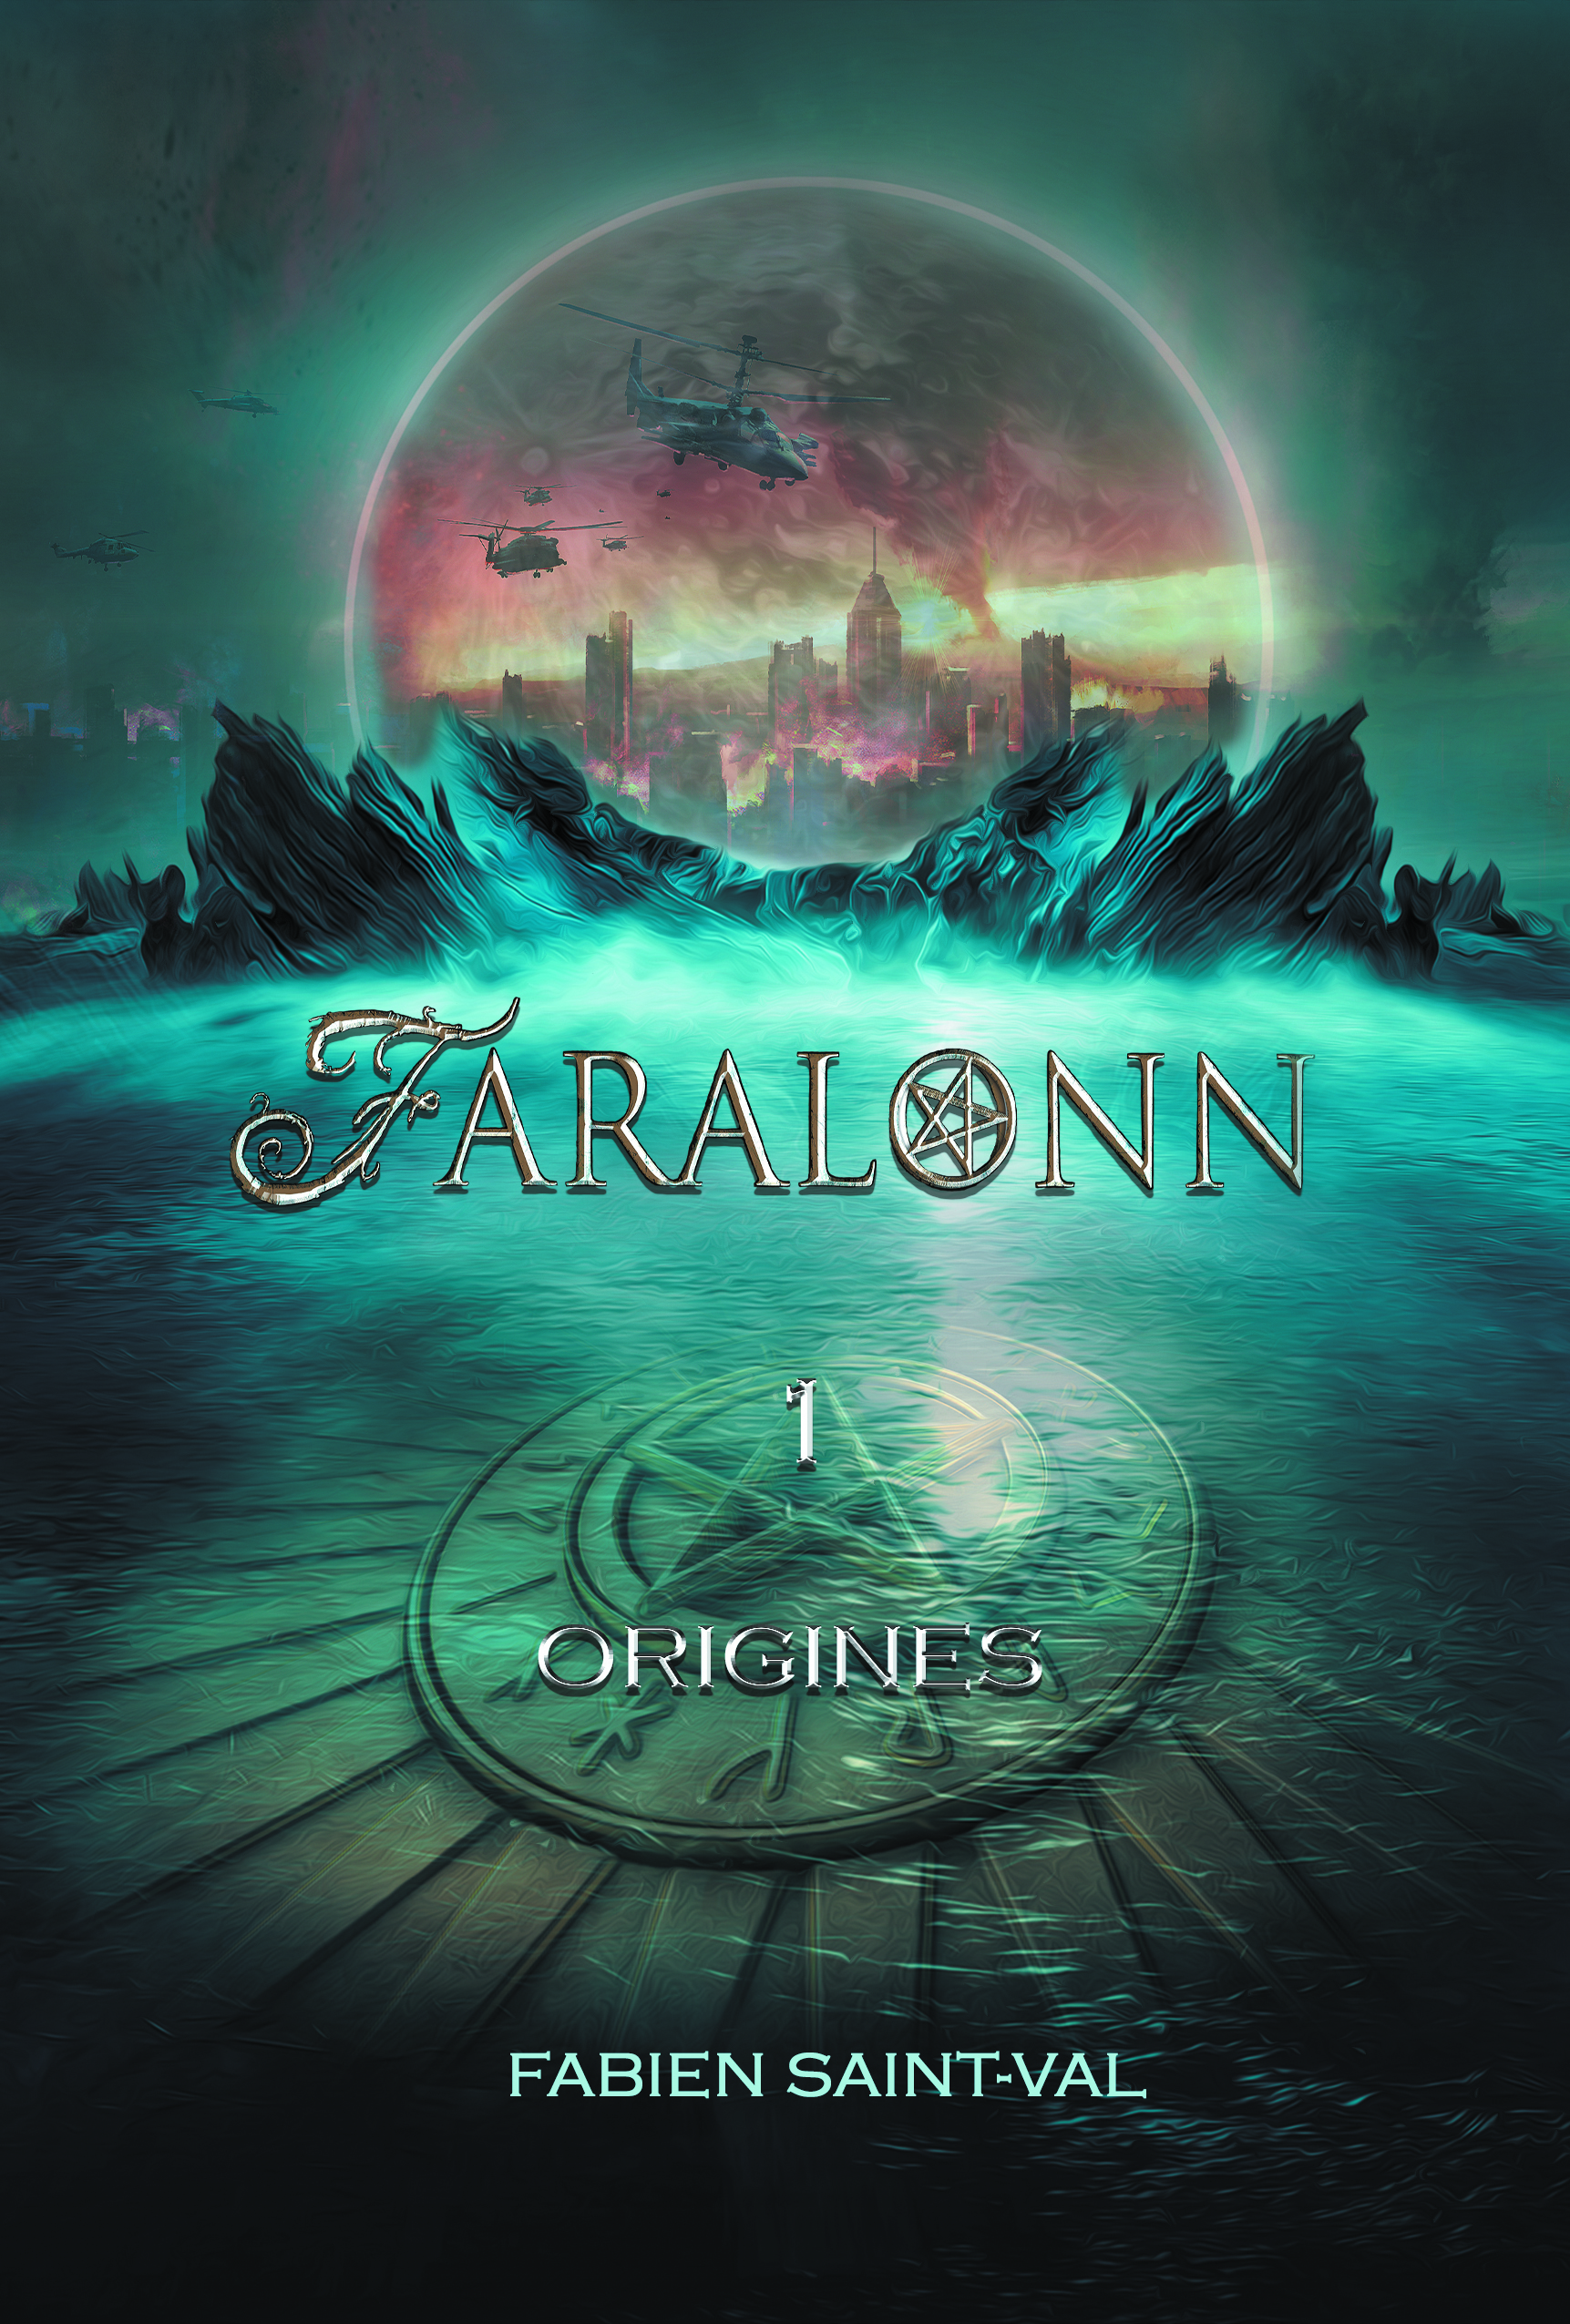 Faralonn, Season 1 Origins